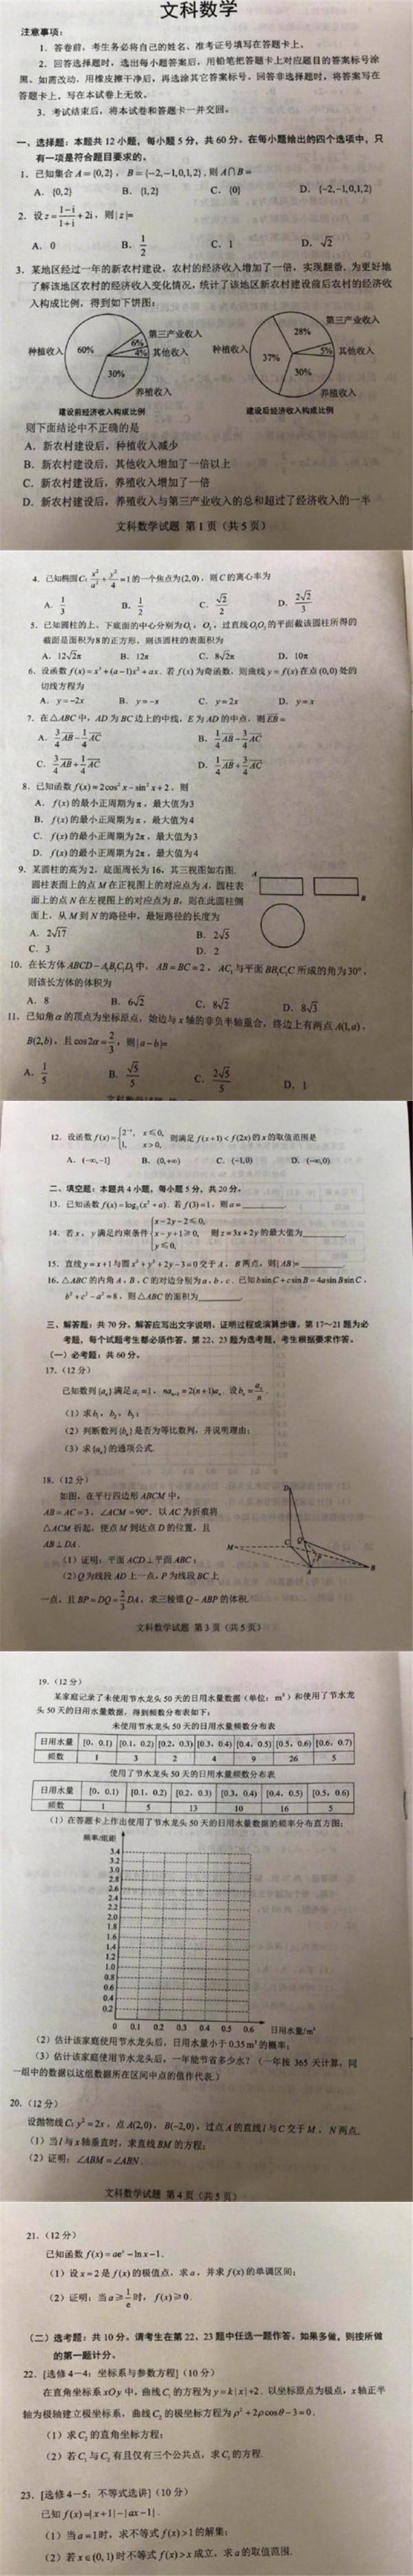 2018年湖南高考文科数学试题【图片版】